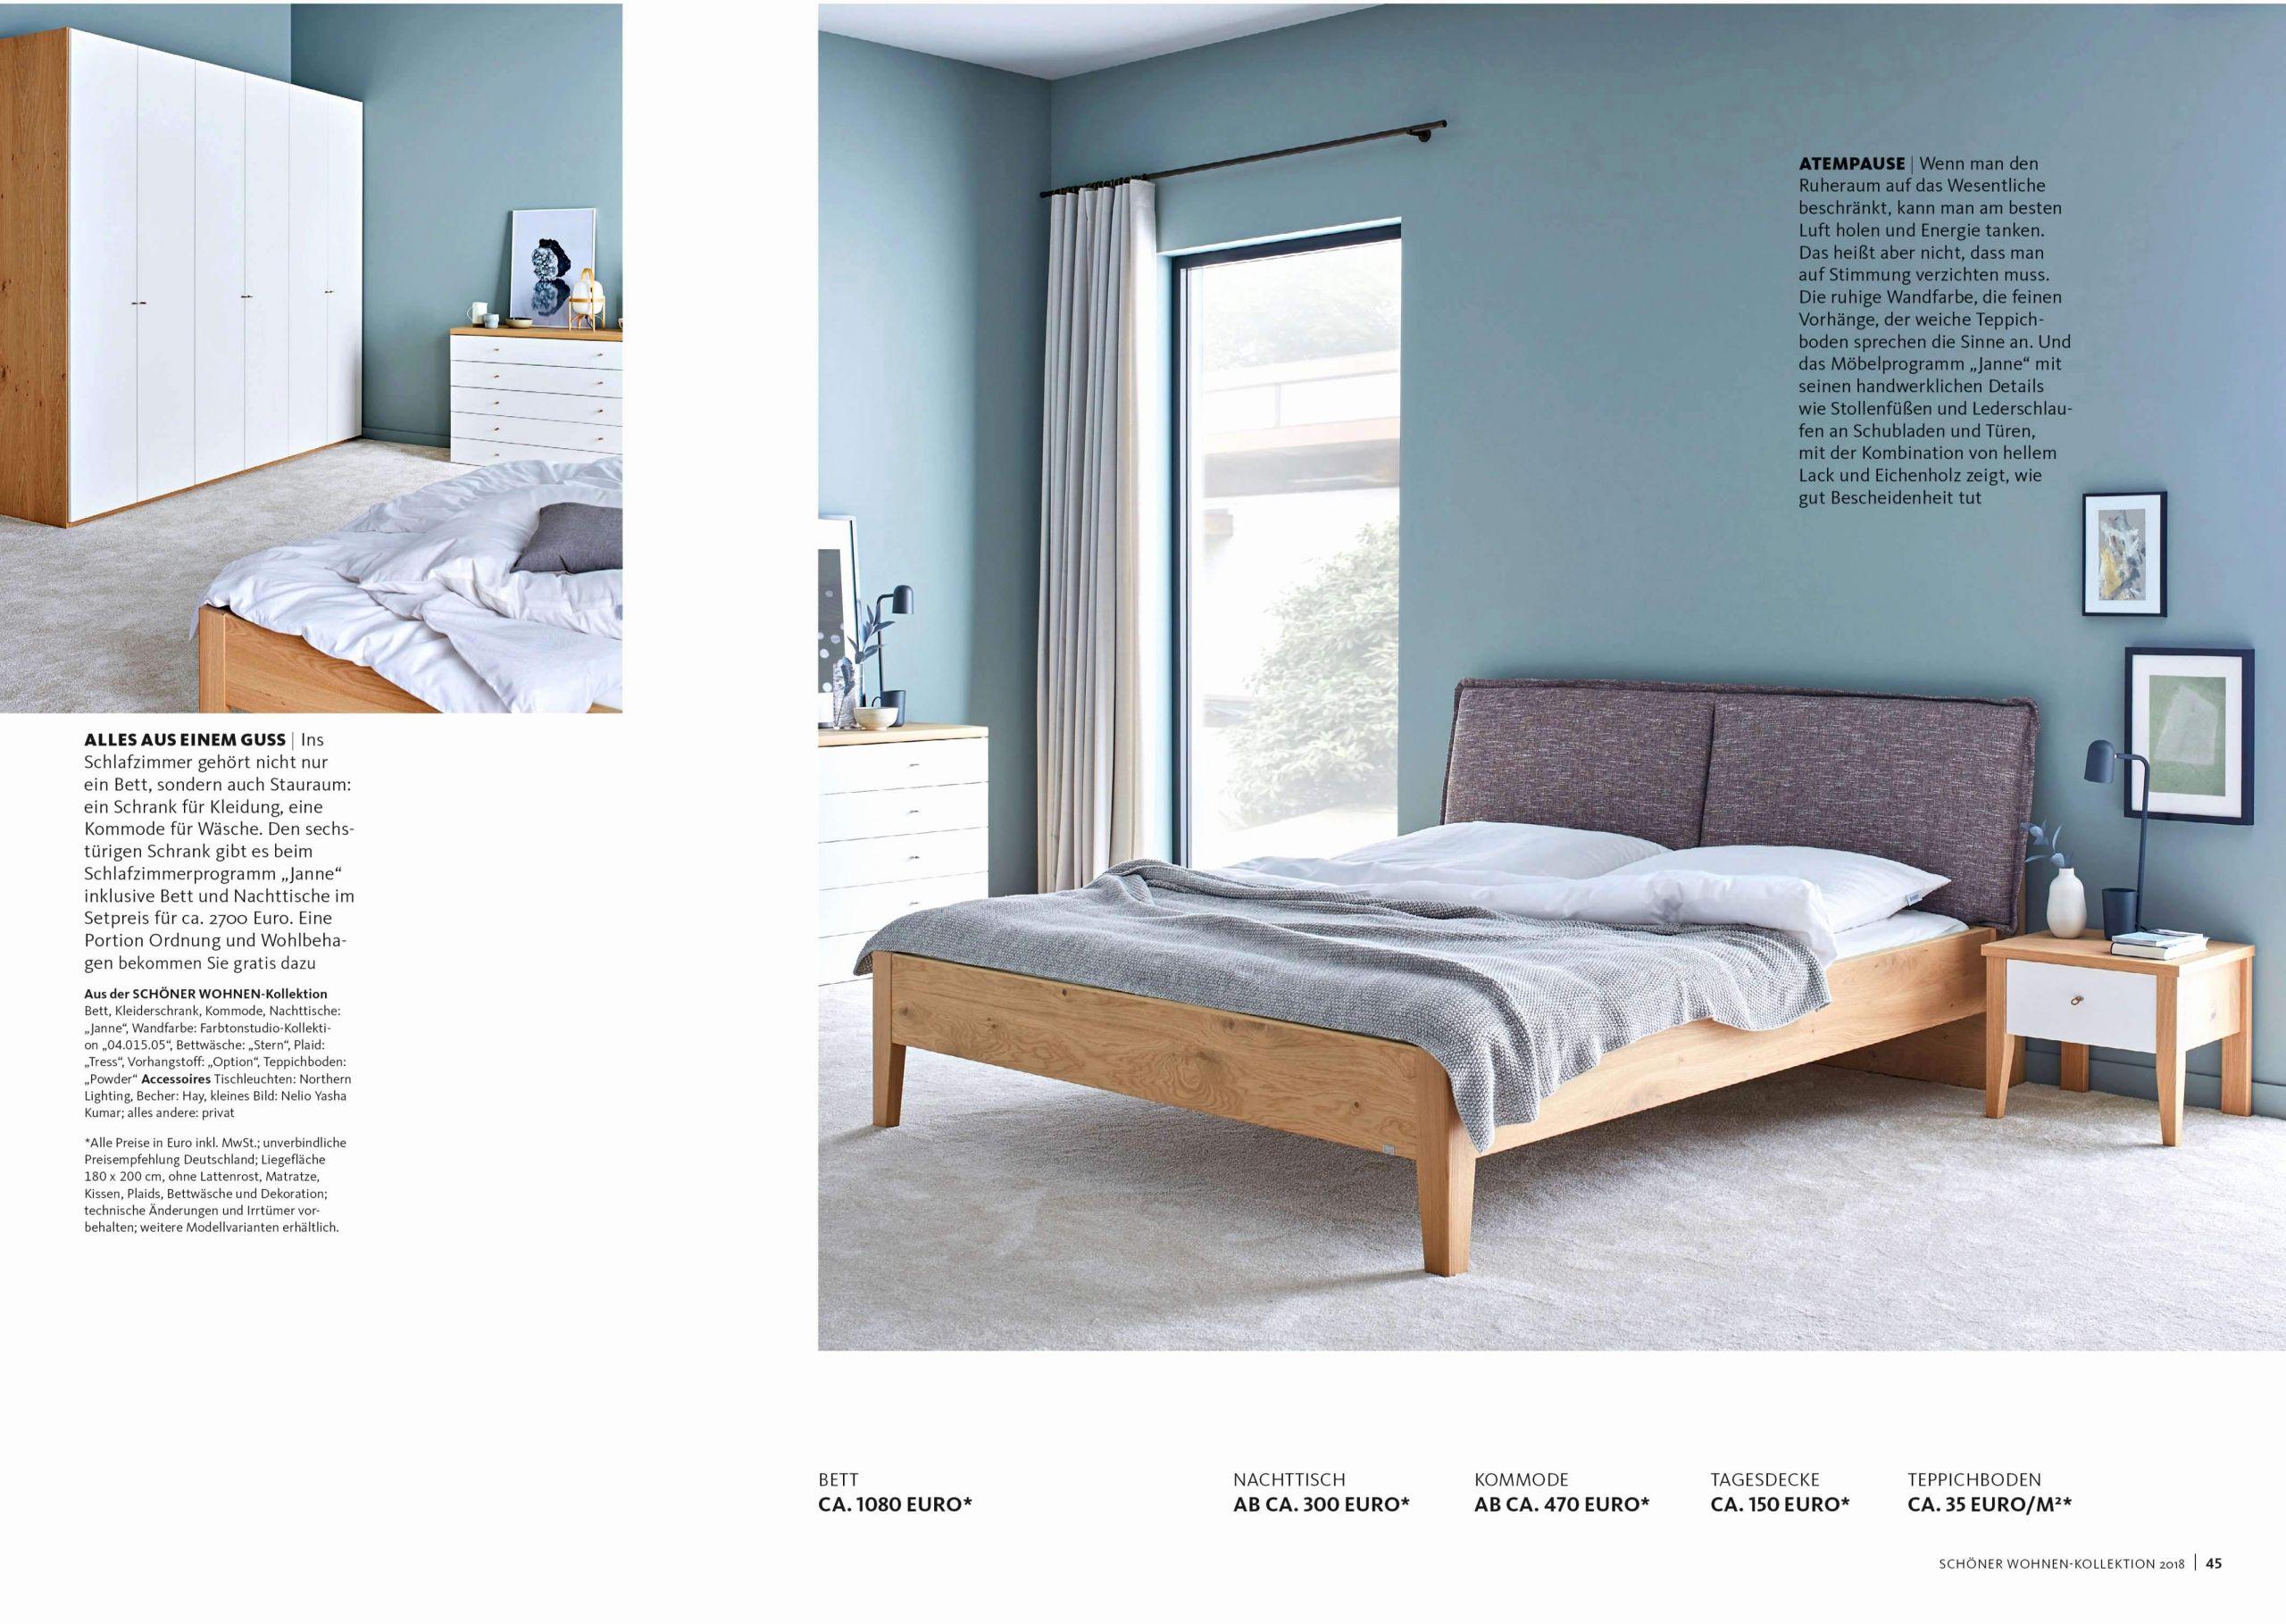 dekoration wohnzimmer regal genial 53 einzigartig deko ideen wohnzimmer selber machen of dekoration wohnzimmer regal scaled